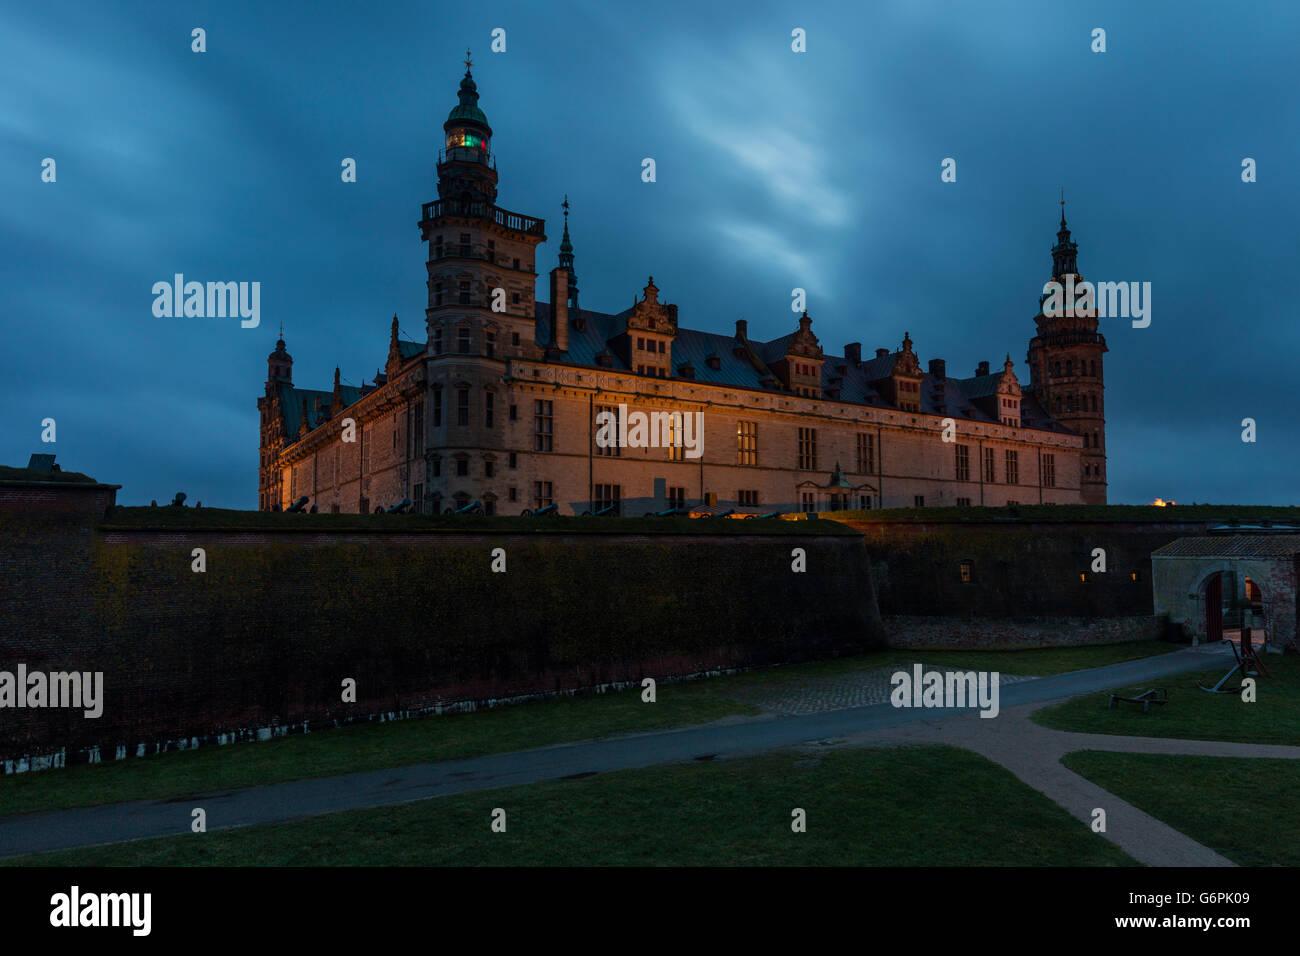 Le Château de Kronborg la nuit. Je Kronborg situé à Helsingor, Danemark Photo Stock